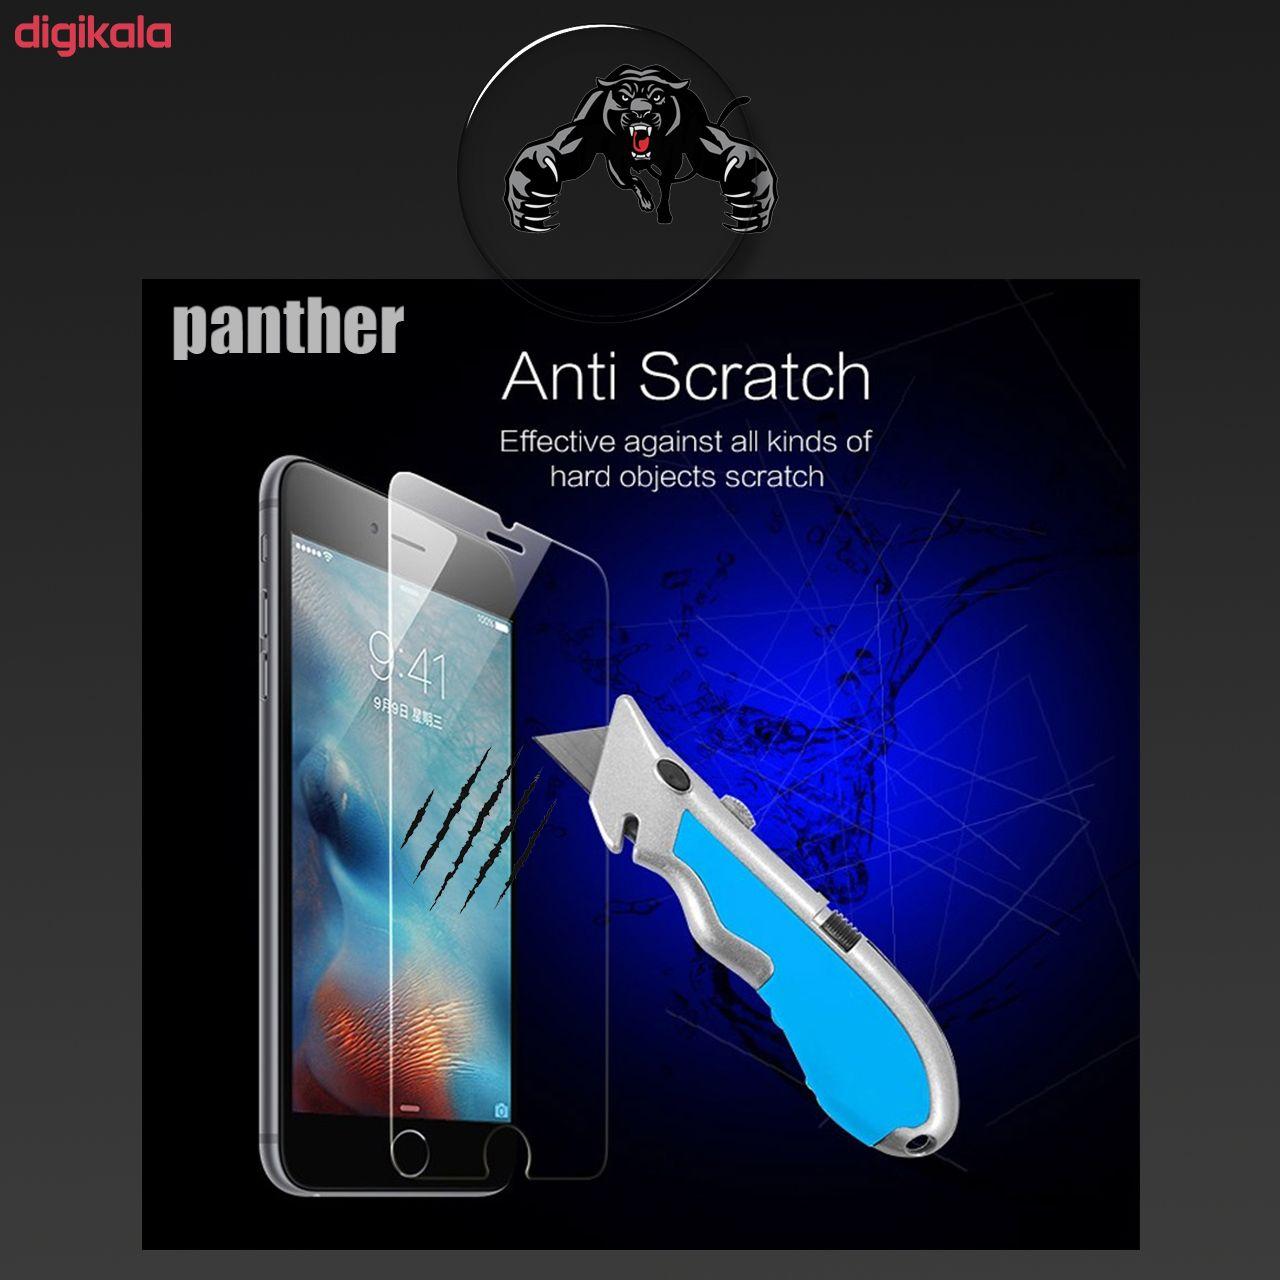 محافظ صفحه نمایش پنتر مدل SDP-004 مناسب برای گوشی موبایل هوآوی Y9s main 1 3